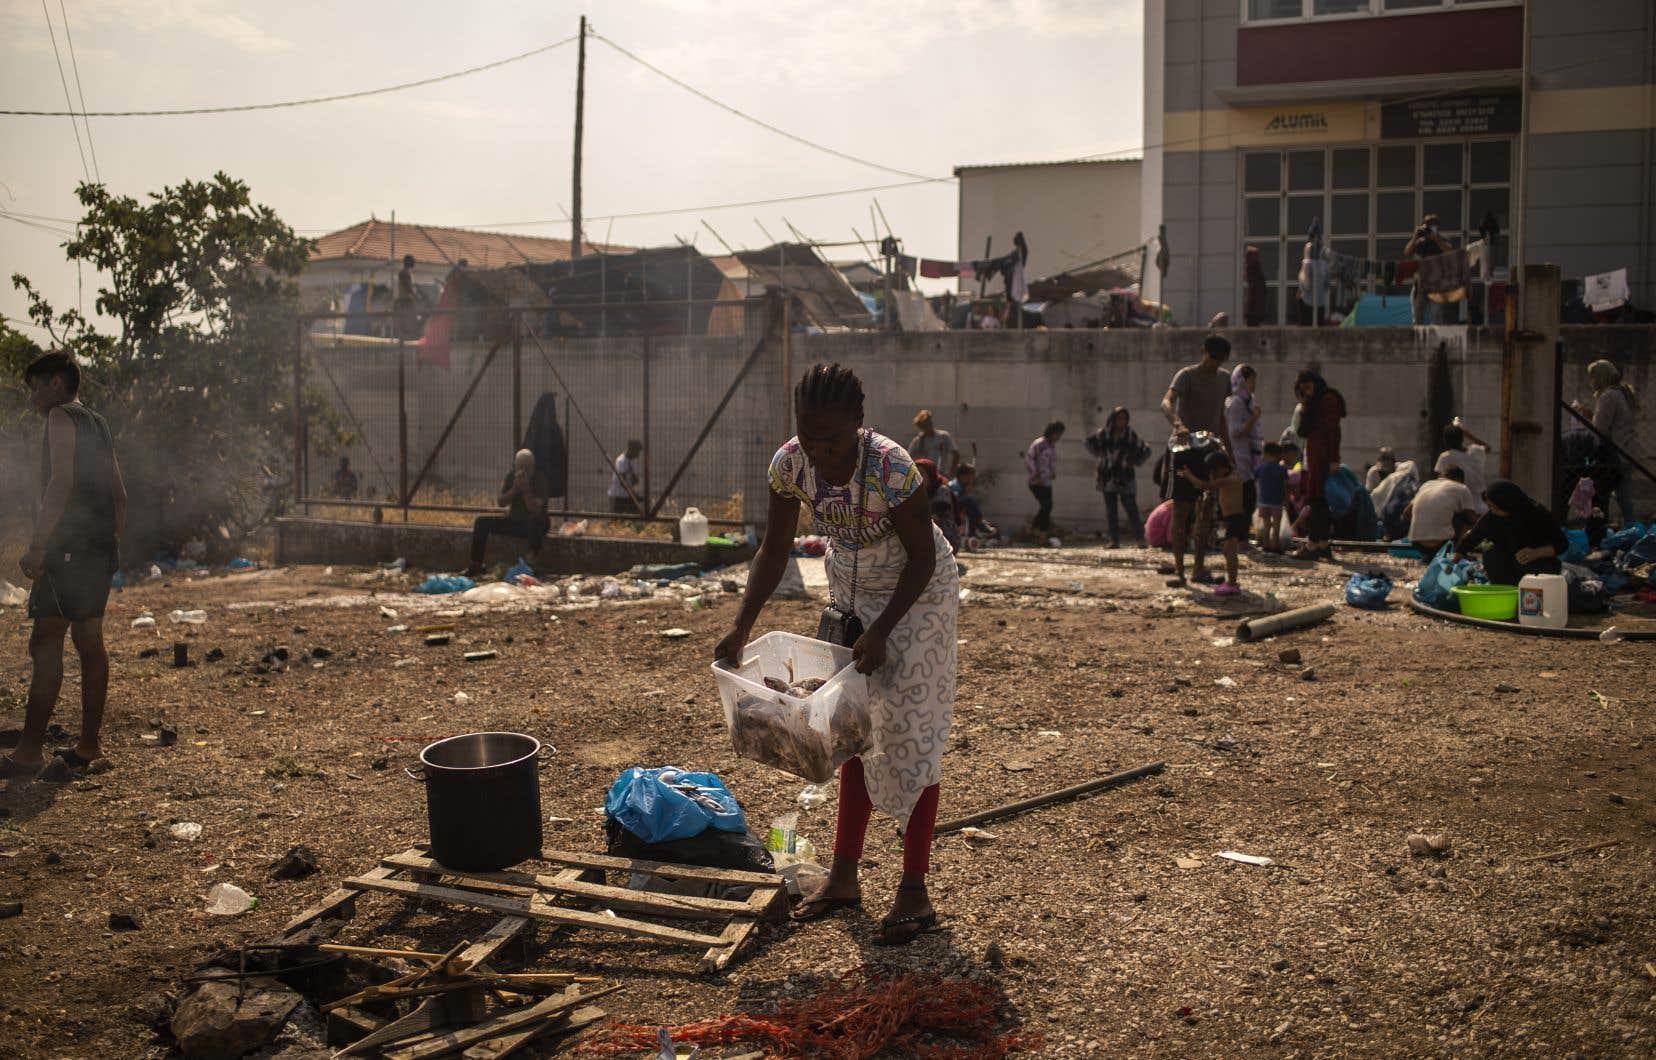 Après l'incendie, les autorités grecques ont érigé à la hâte un camp provisoire non loin des ruines de Moria pour reloger les sans-abri mais à peine 800 d'entre eux ont pour le moment accepté de s'y installer.